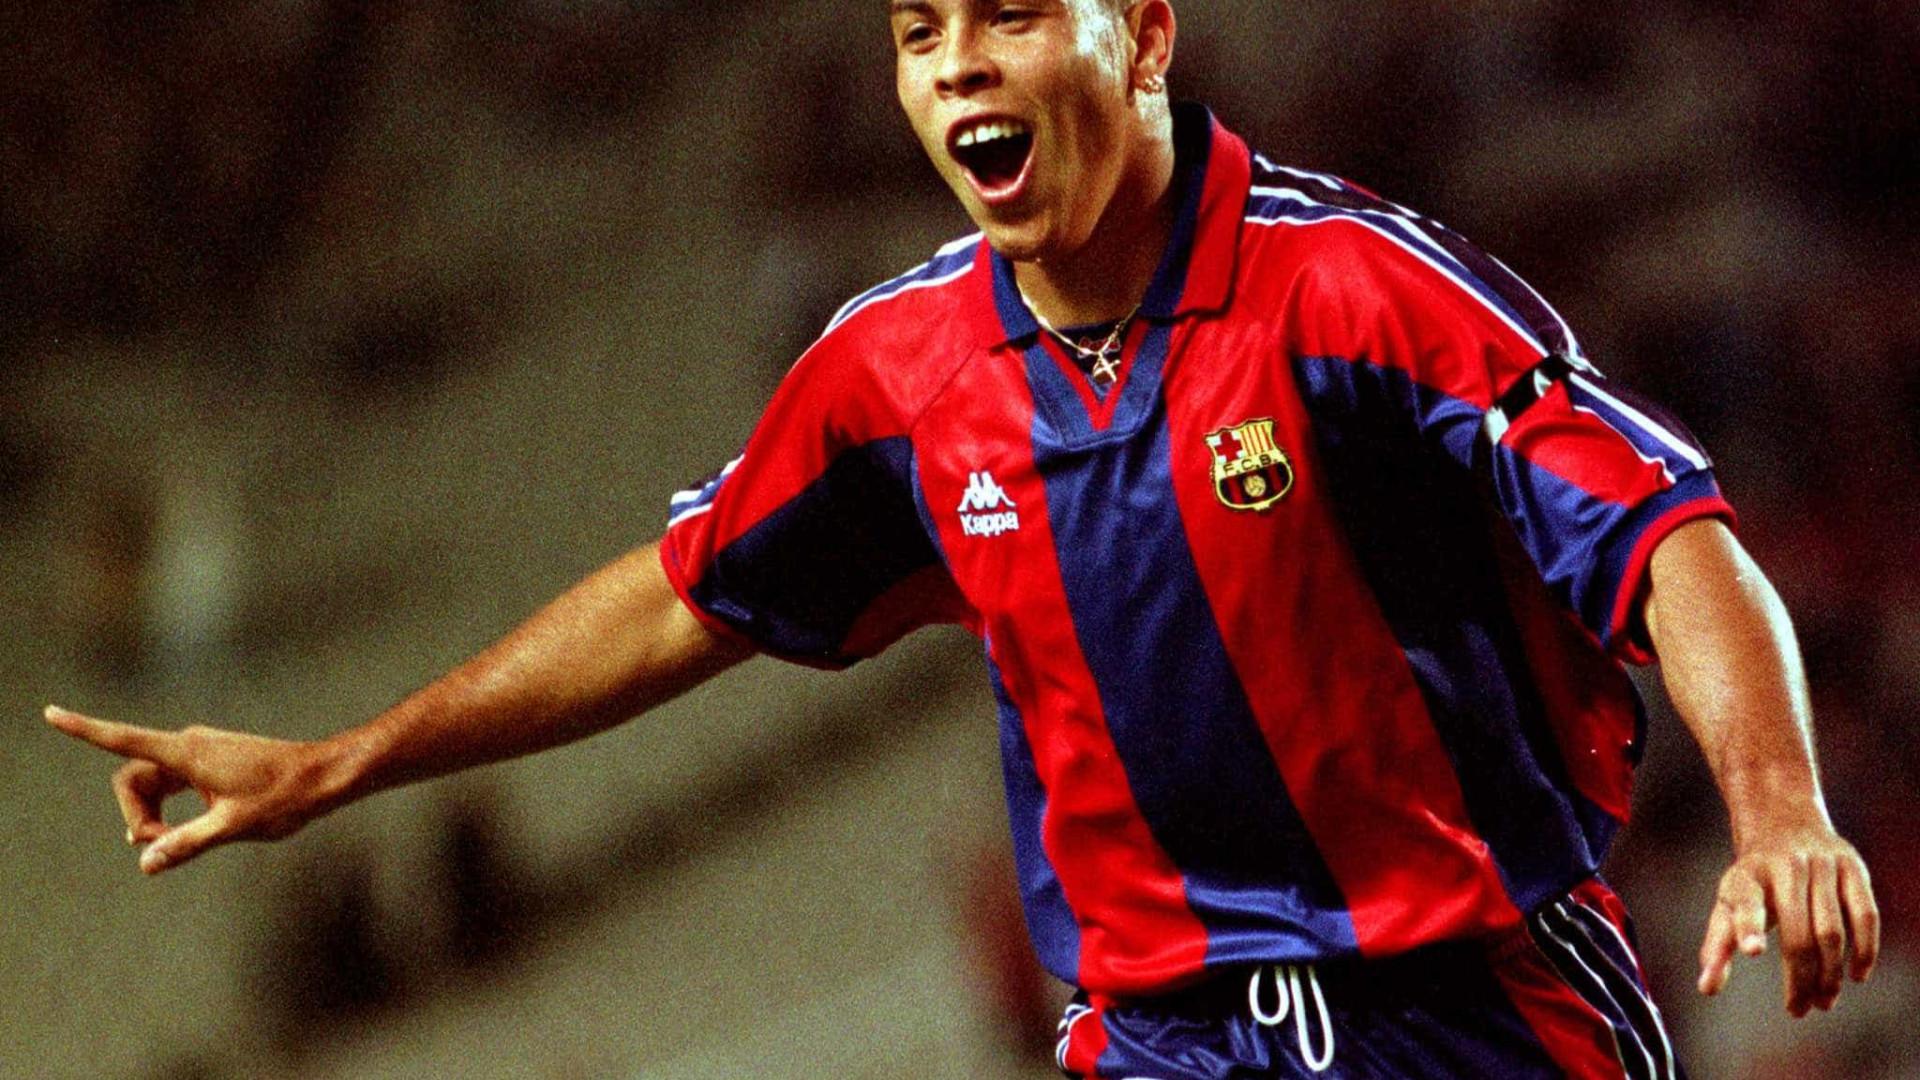 Ronaldo 'Fenômeno' faz 41 anos; relembre sua carreira em fotos